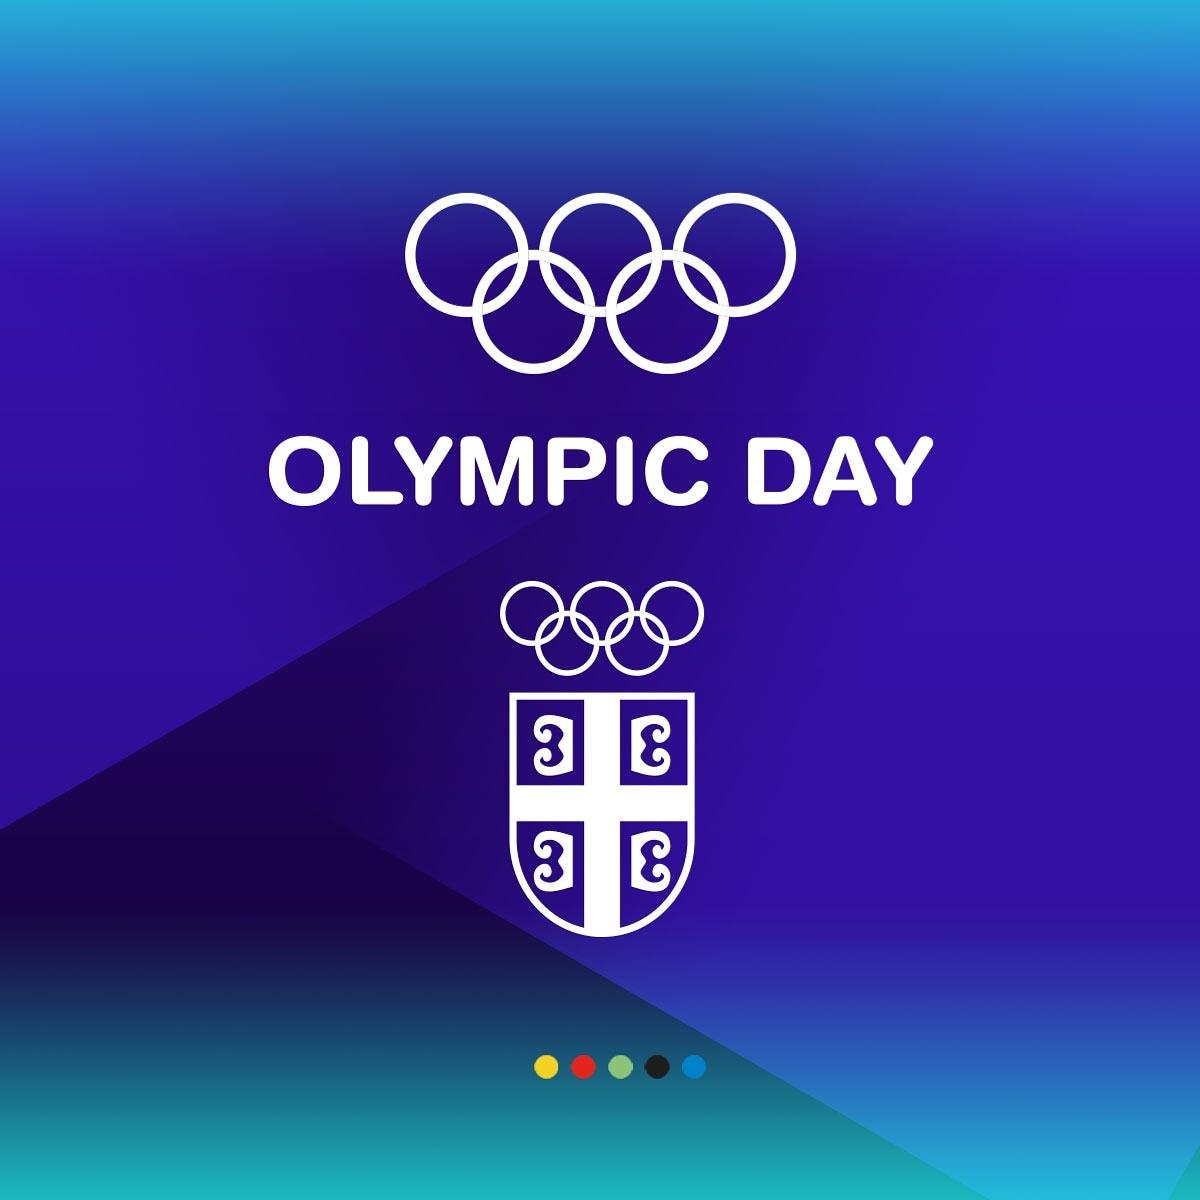 U znak poštovanja i sećanja na Bobanu Momčilović Veličković, aktivnosti Olimpijskog komiteta Srbije planirane za proslavu Olimpijskog dana 23. juna, neće biti održane u planiranom terminu. https://t.co/nn3X95lQB0